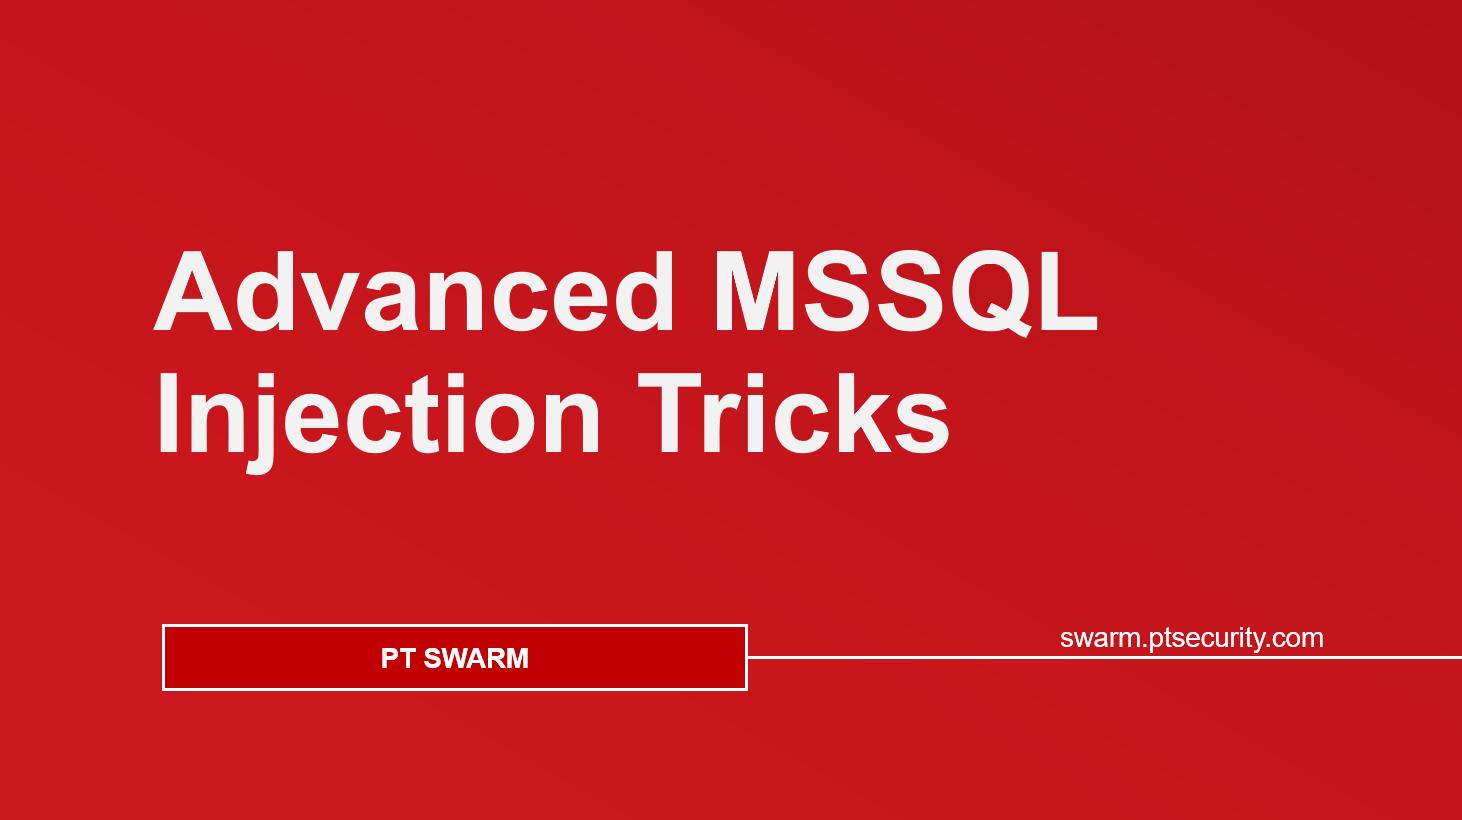 Advanced MSSQL Injection Tricks